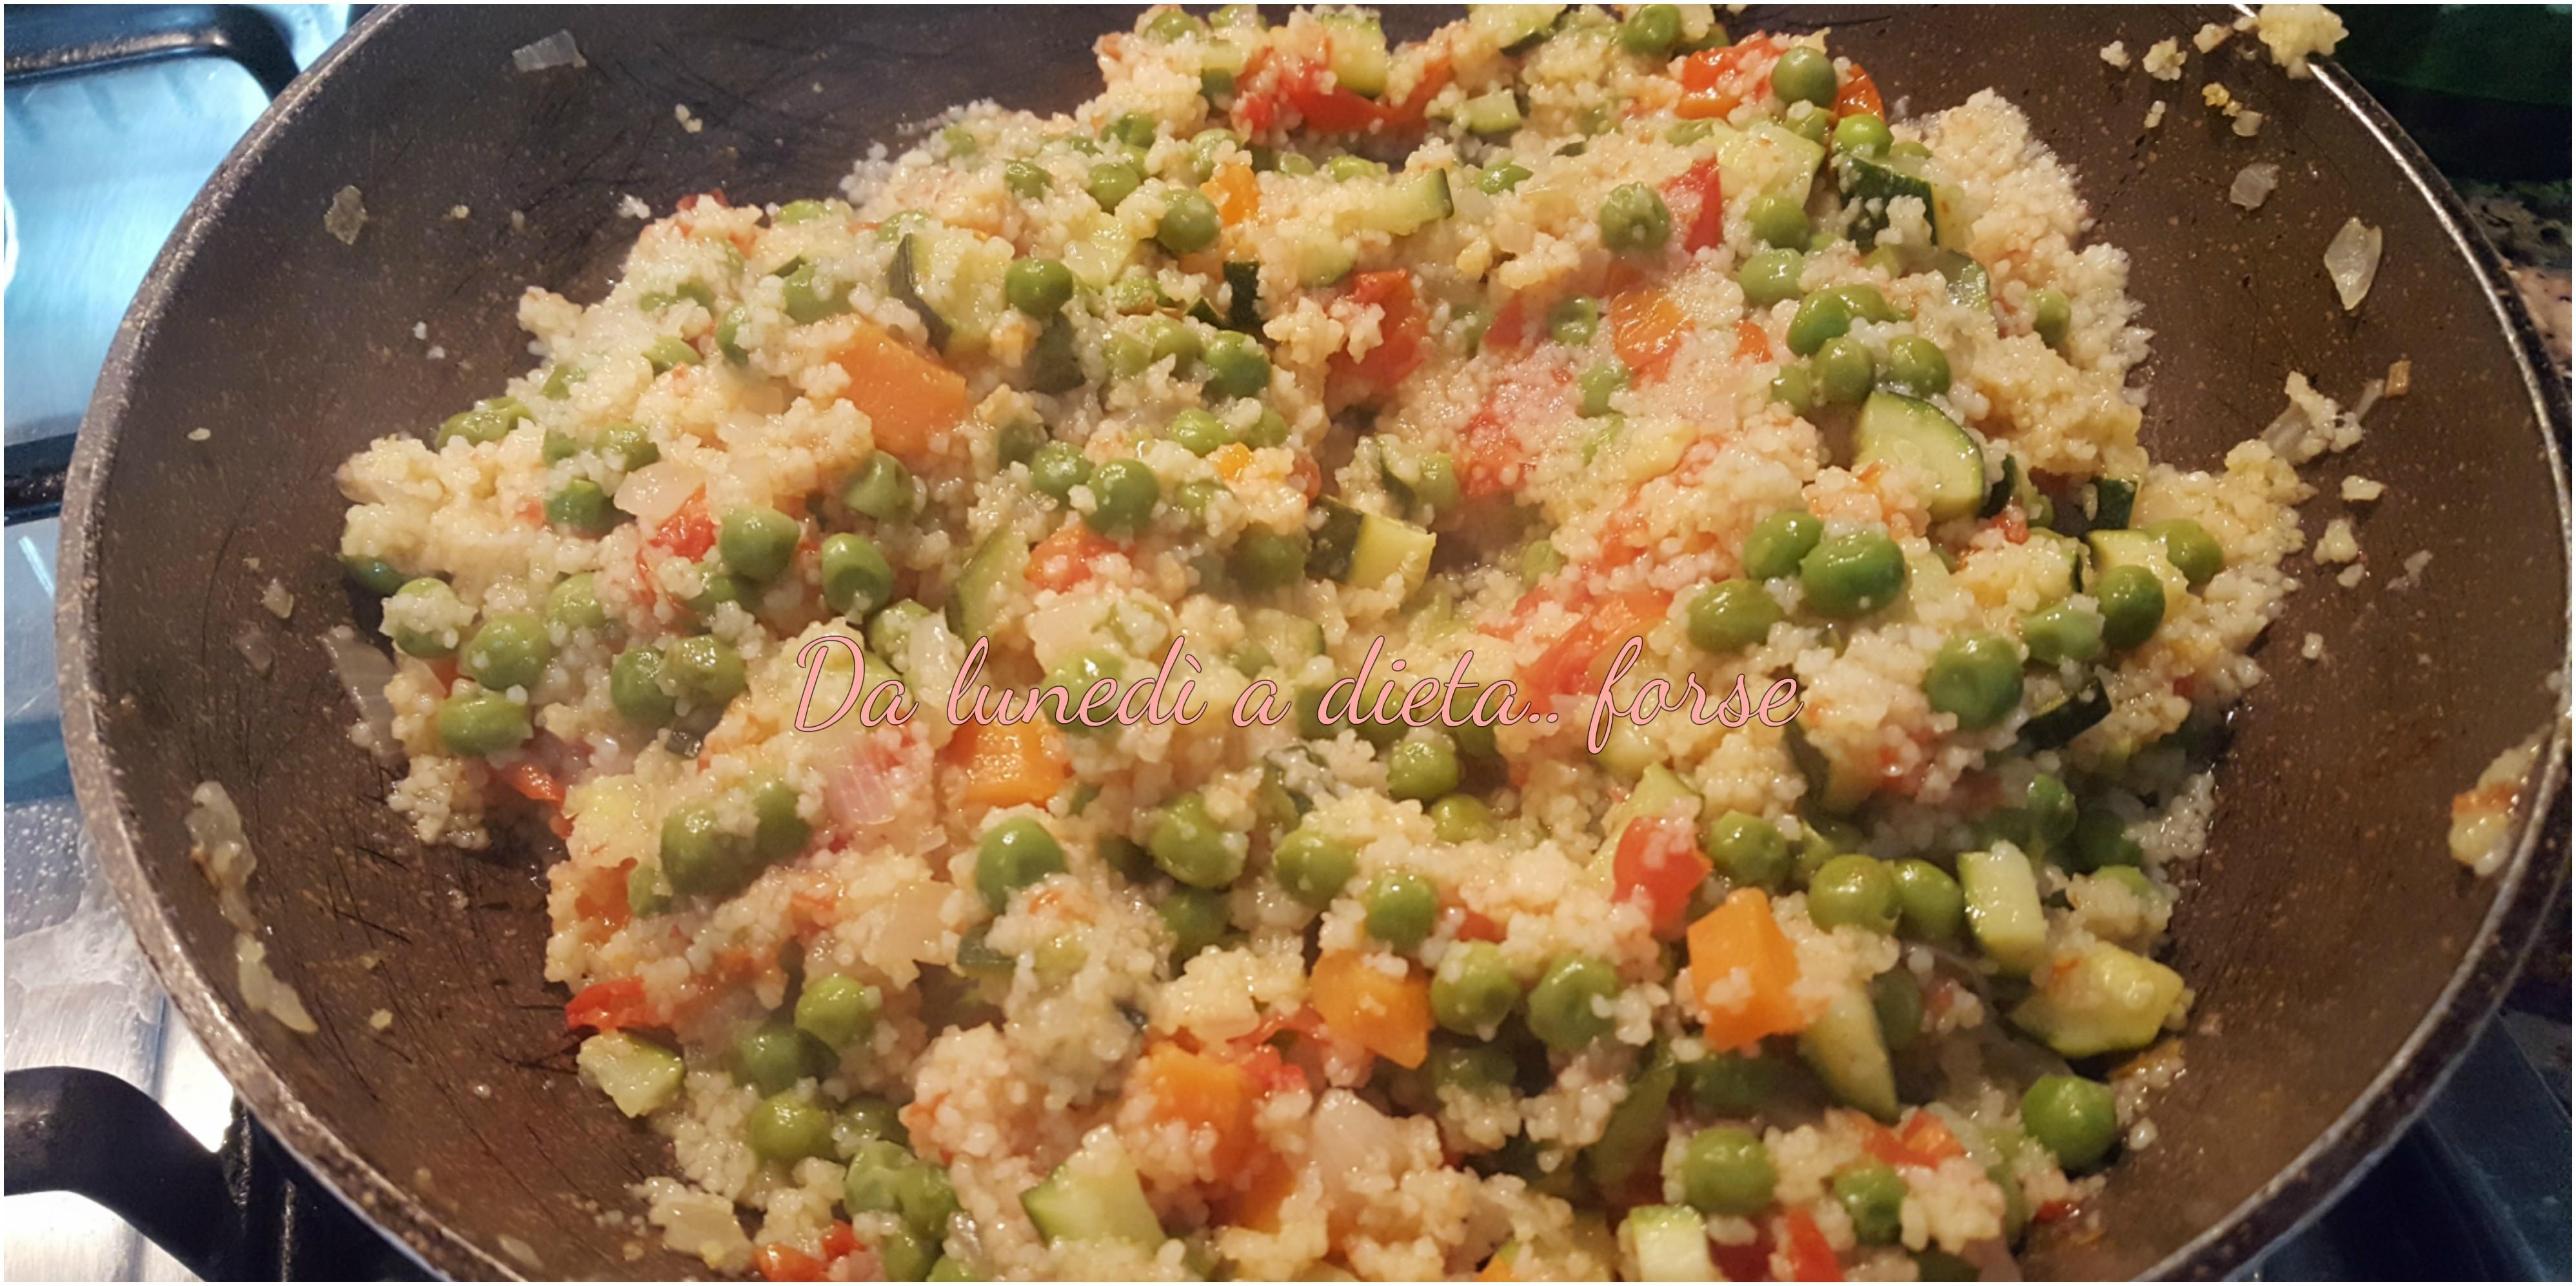 cous cous di verdure a modo mio